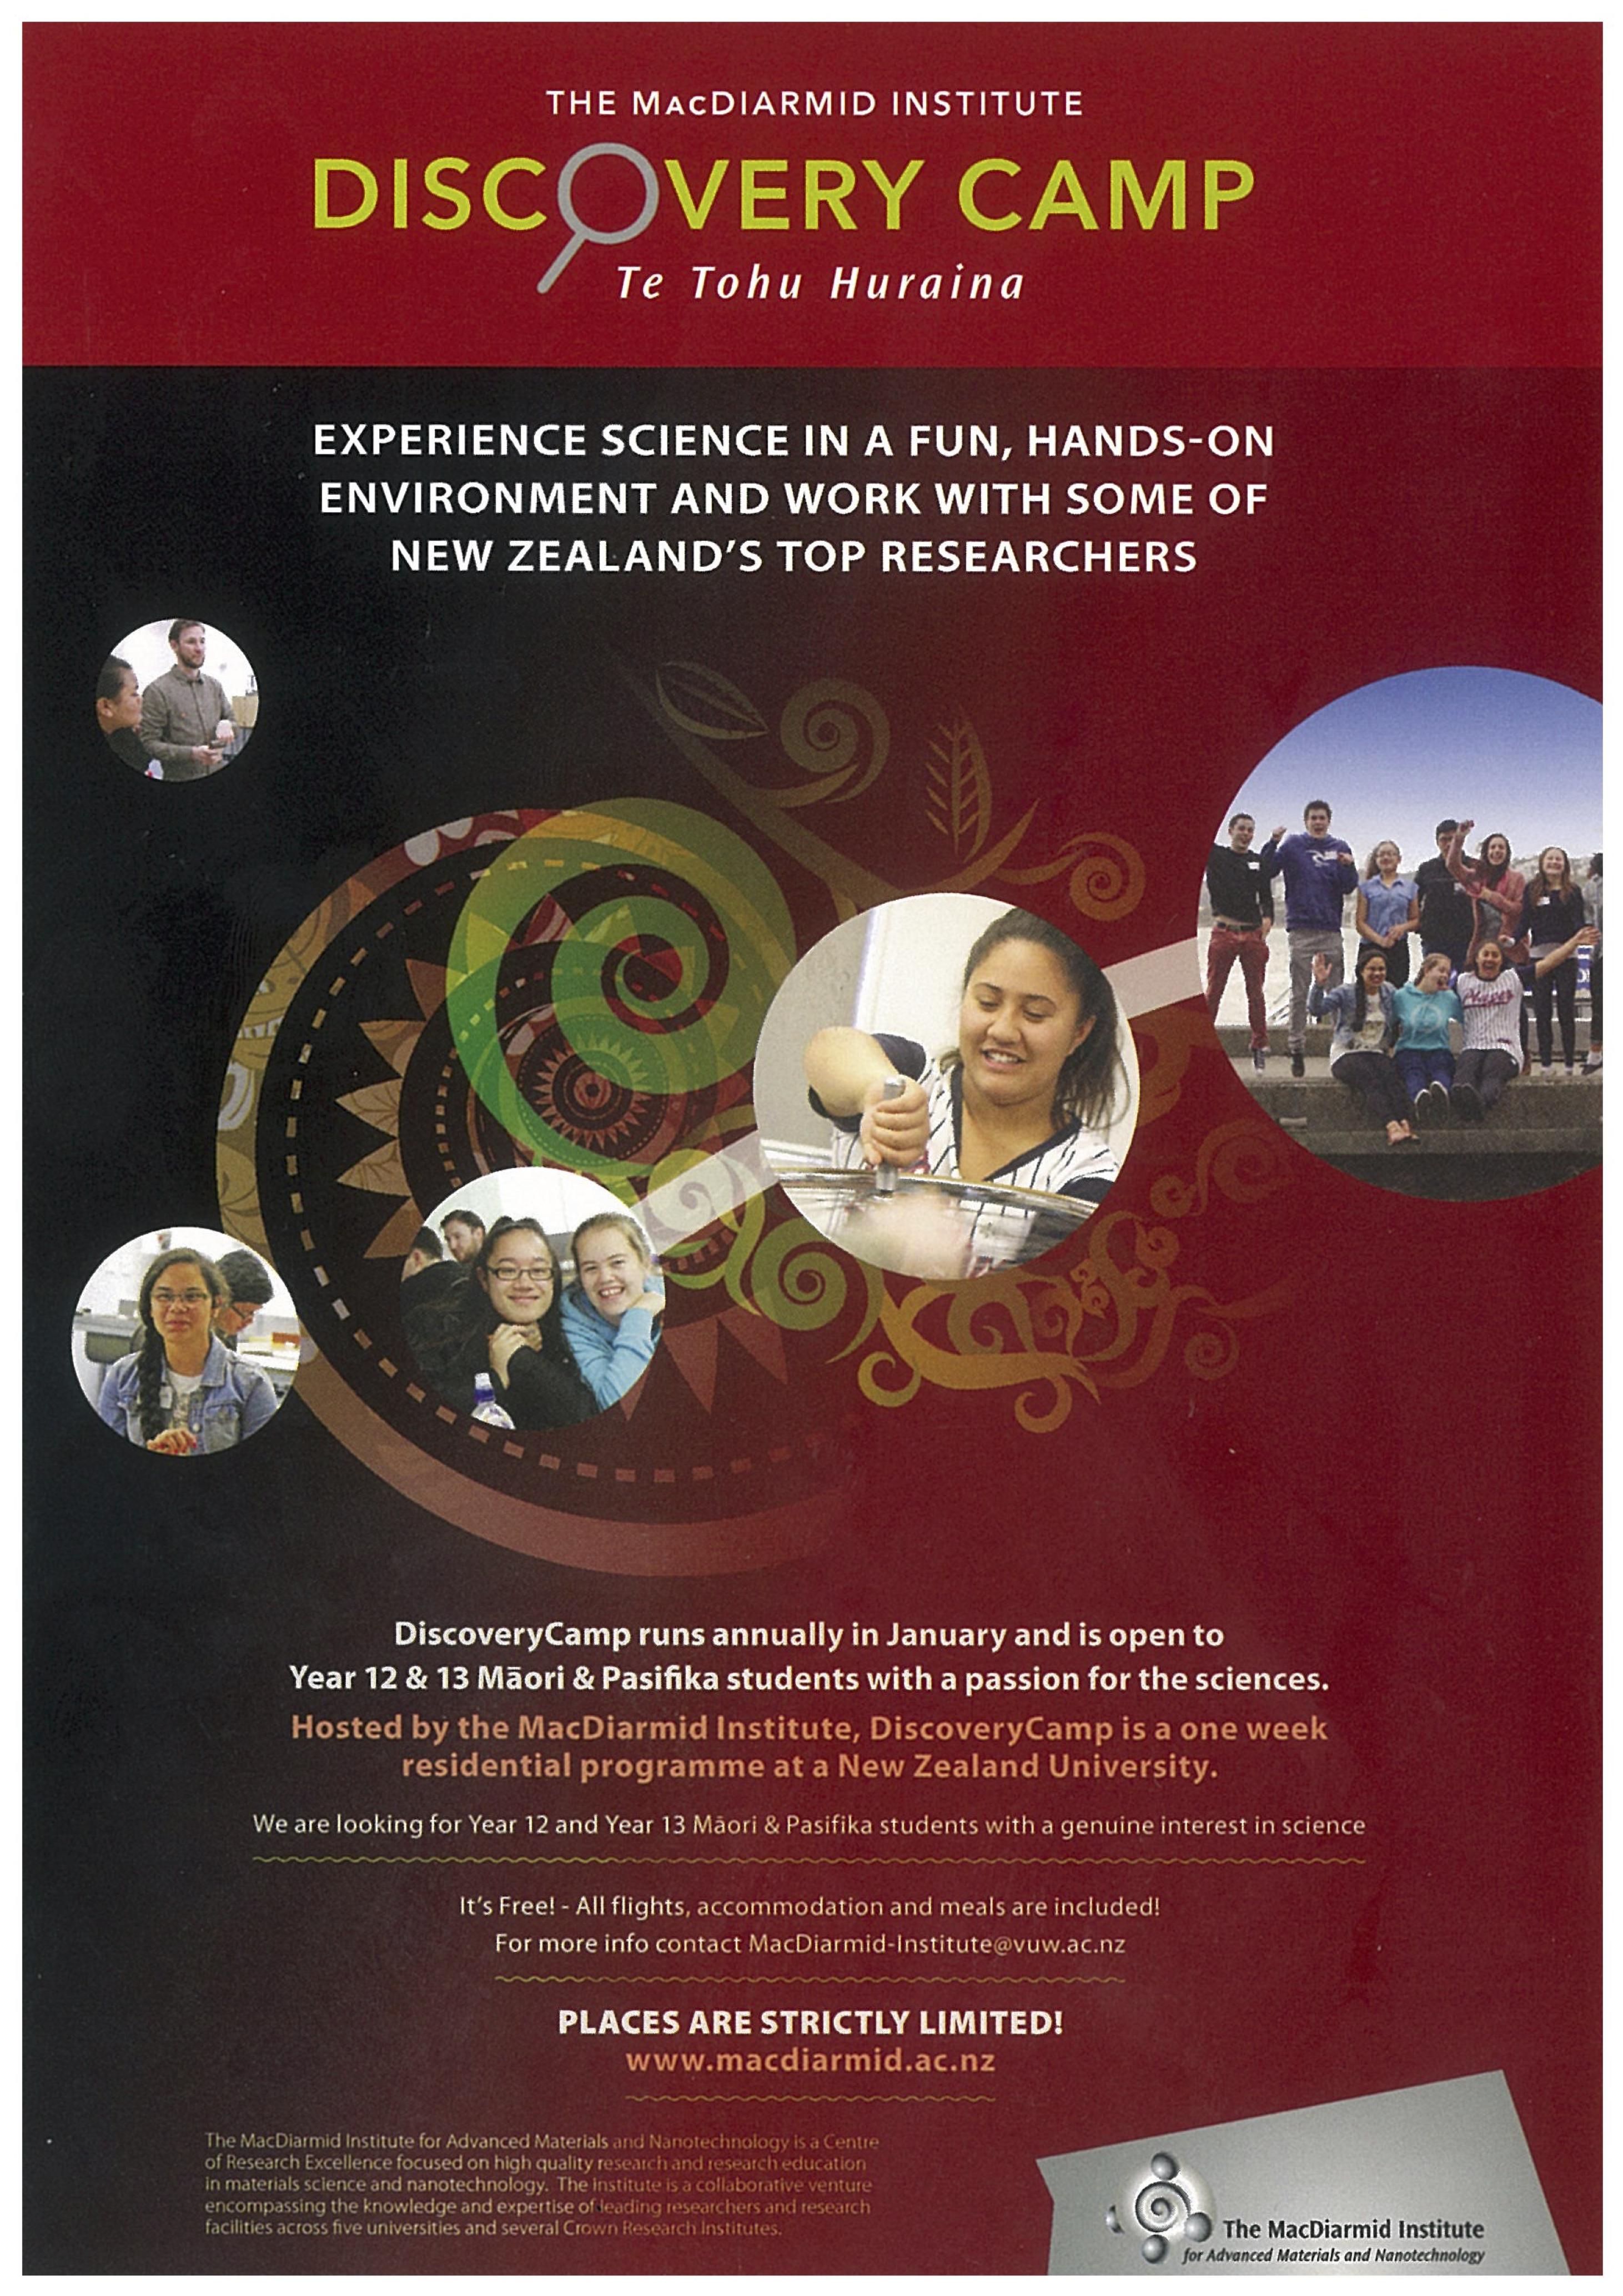 DiscoveryCamp – Te Tohu Huraina